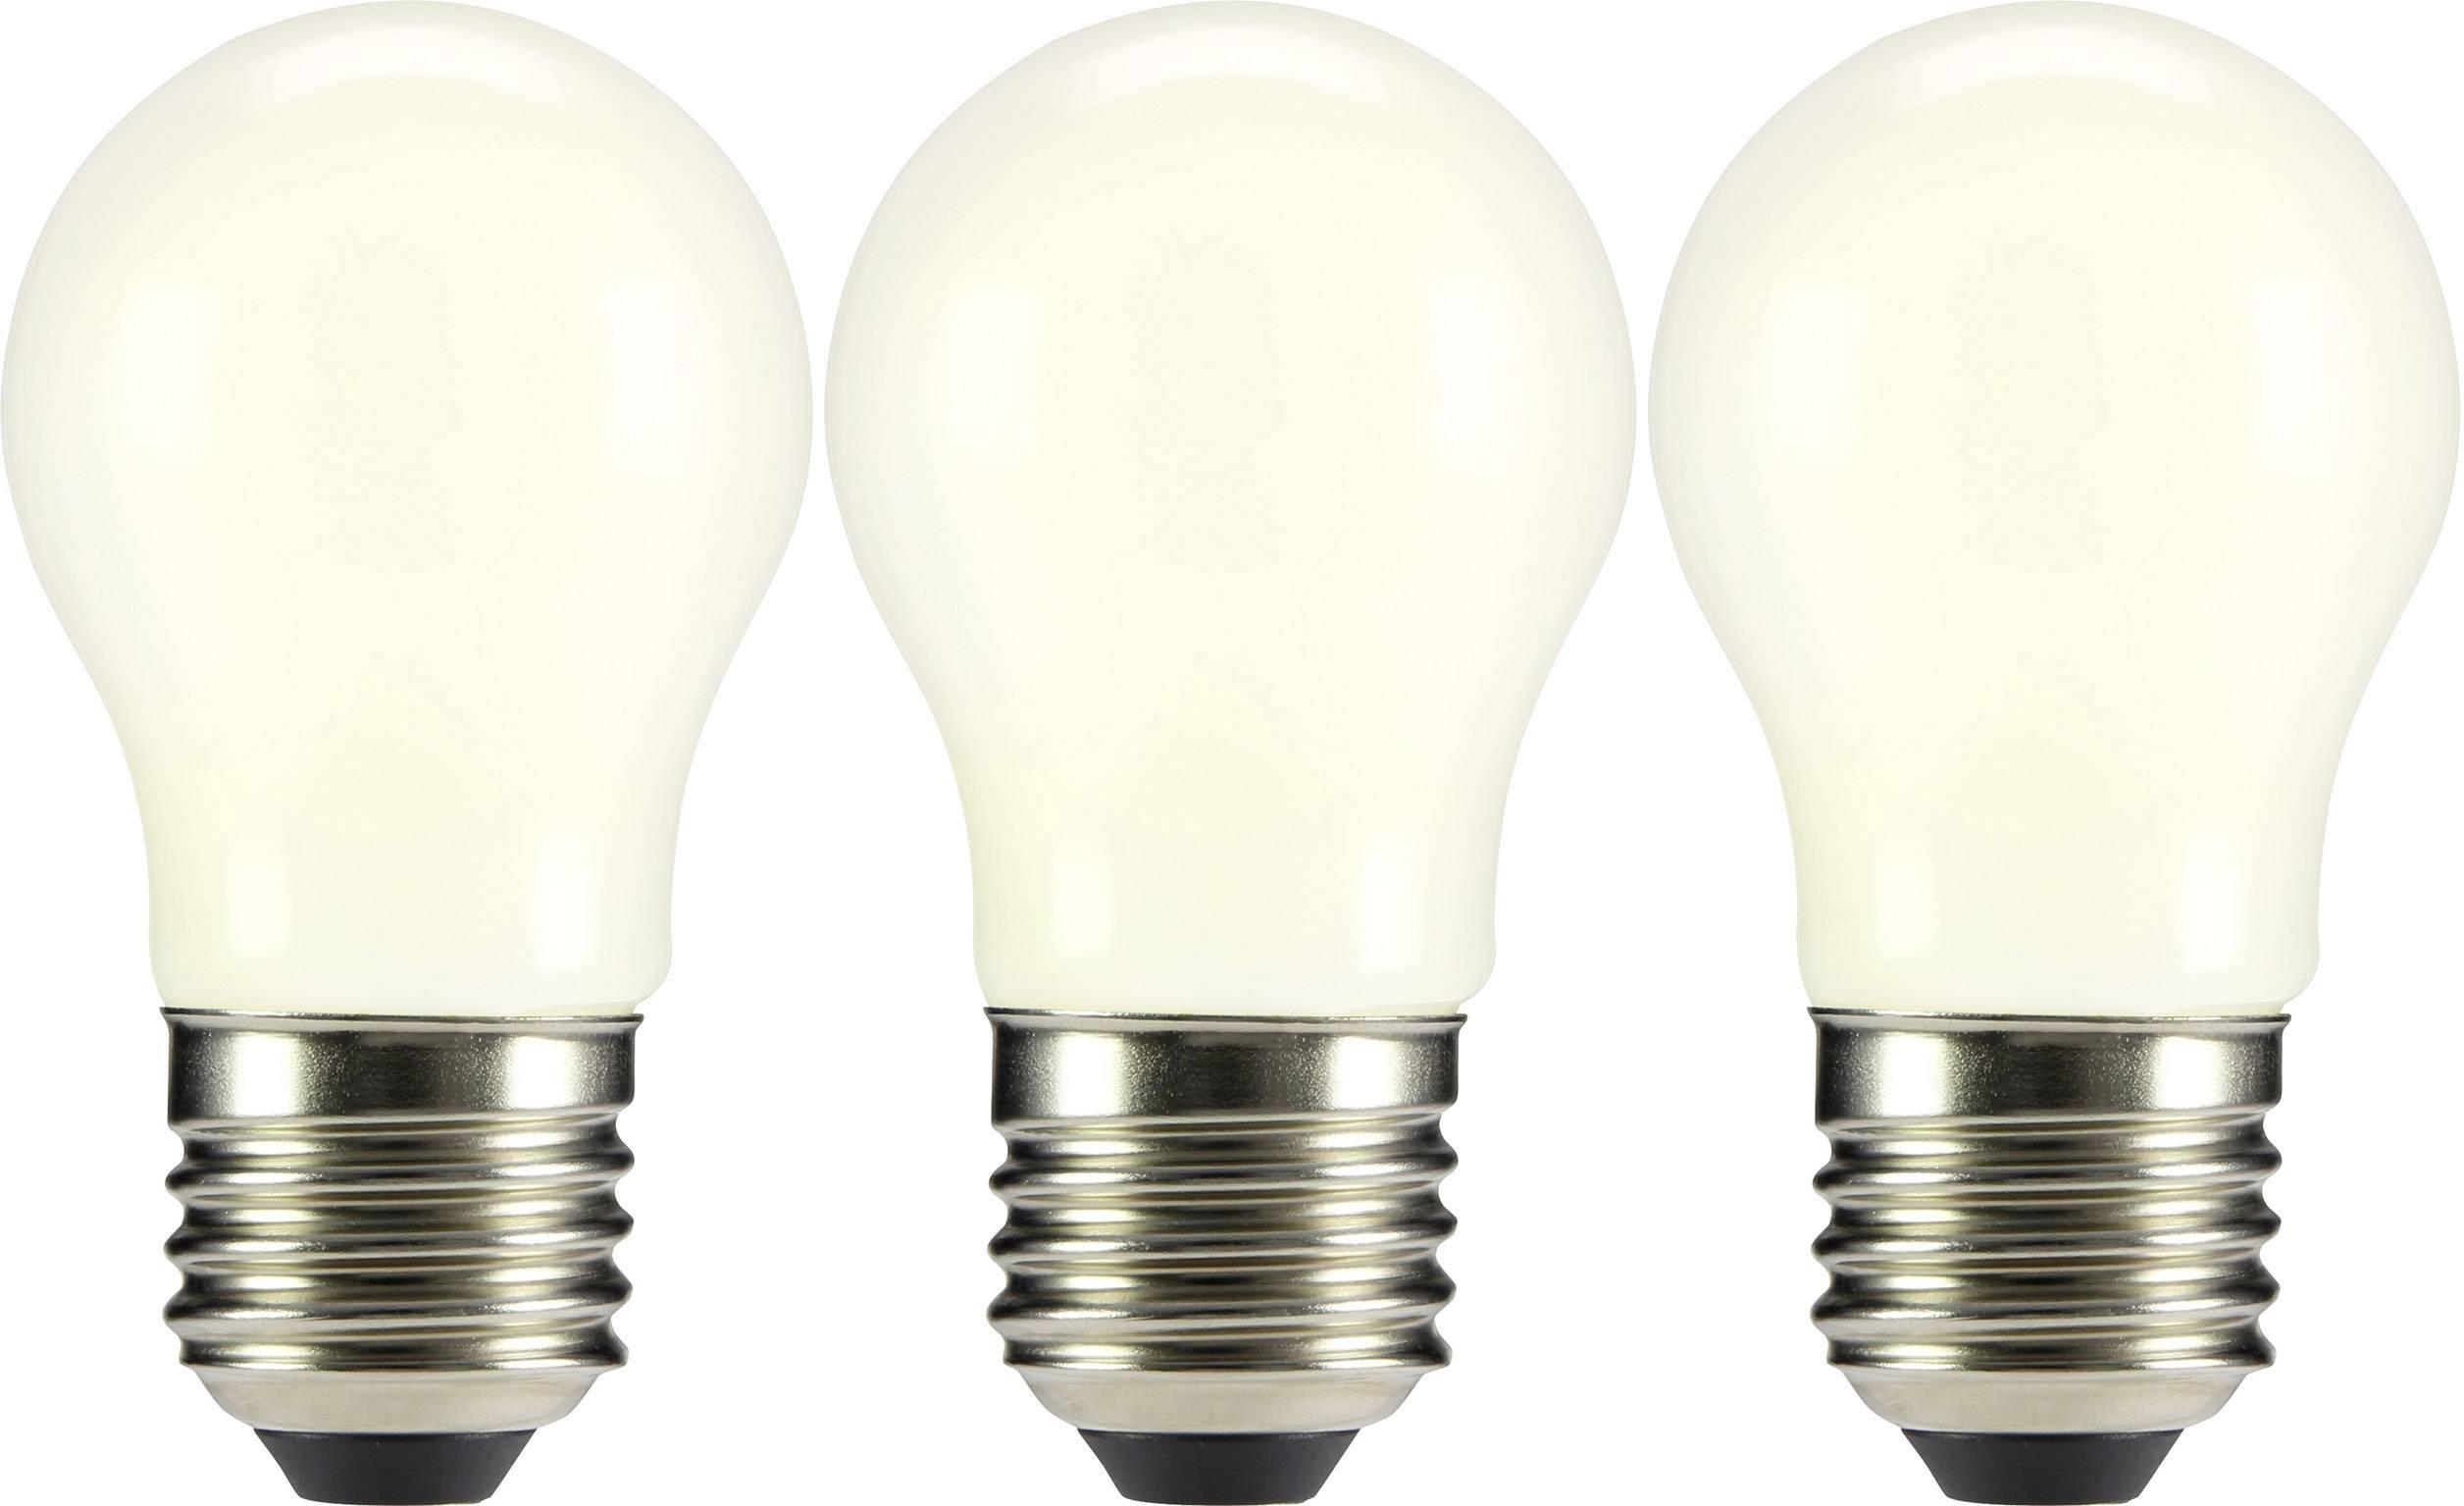 LED žiarovka Sygonix 230 V, 2 W = 23 W, teplá biela, A++, vlákno, 3 ks